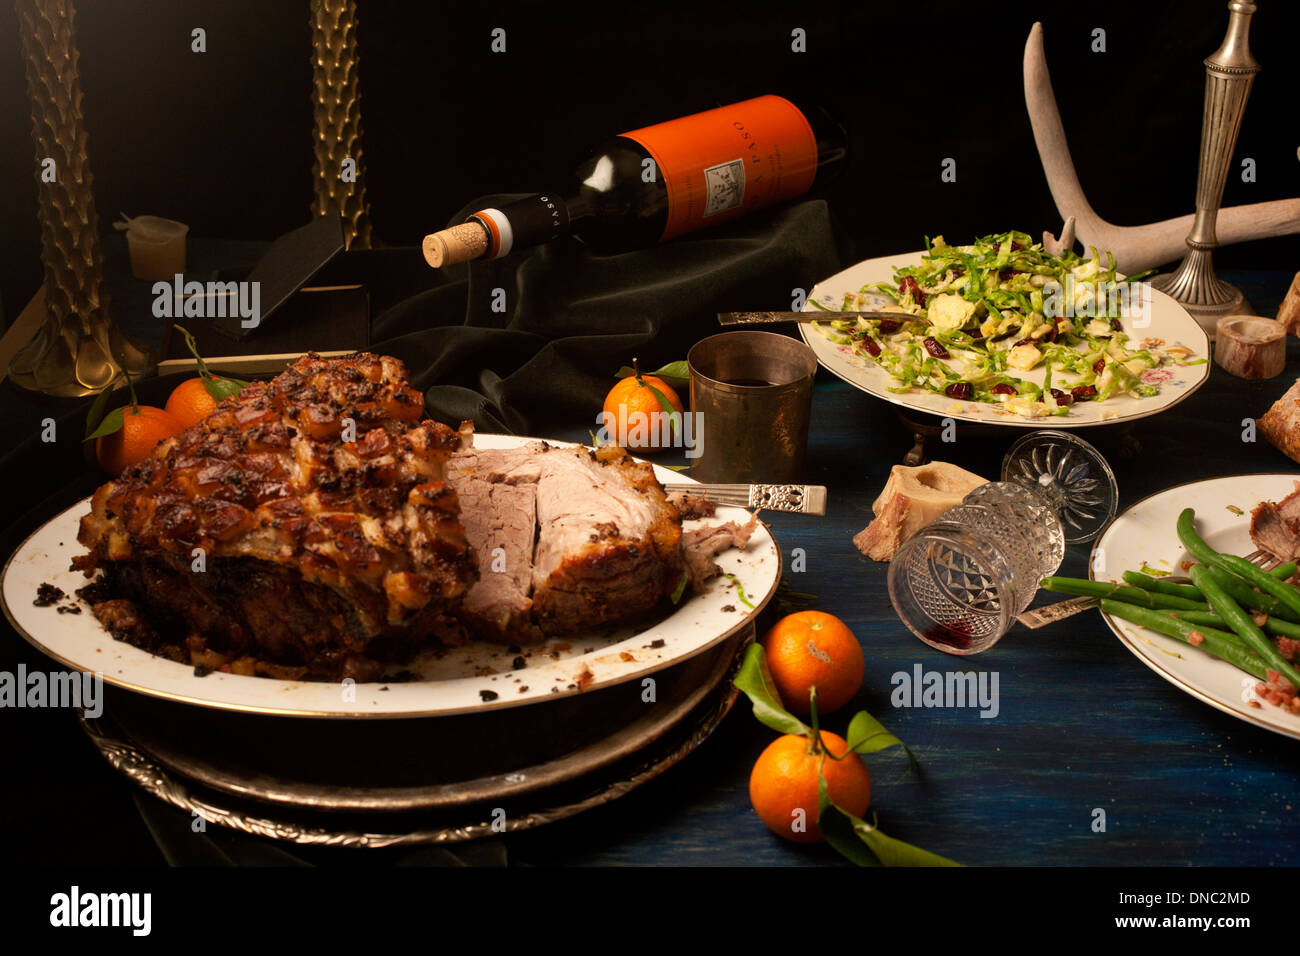 Pork roast after math dinner still life - Stock Image